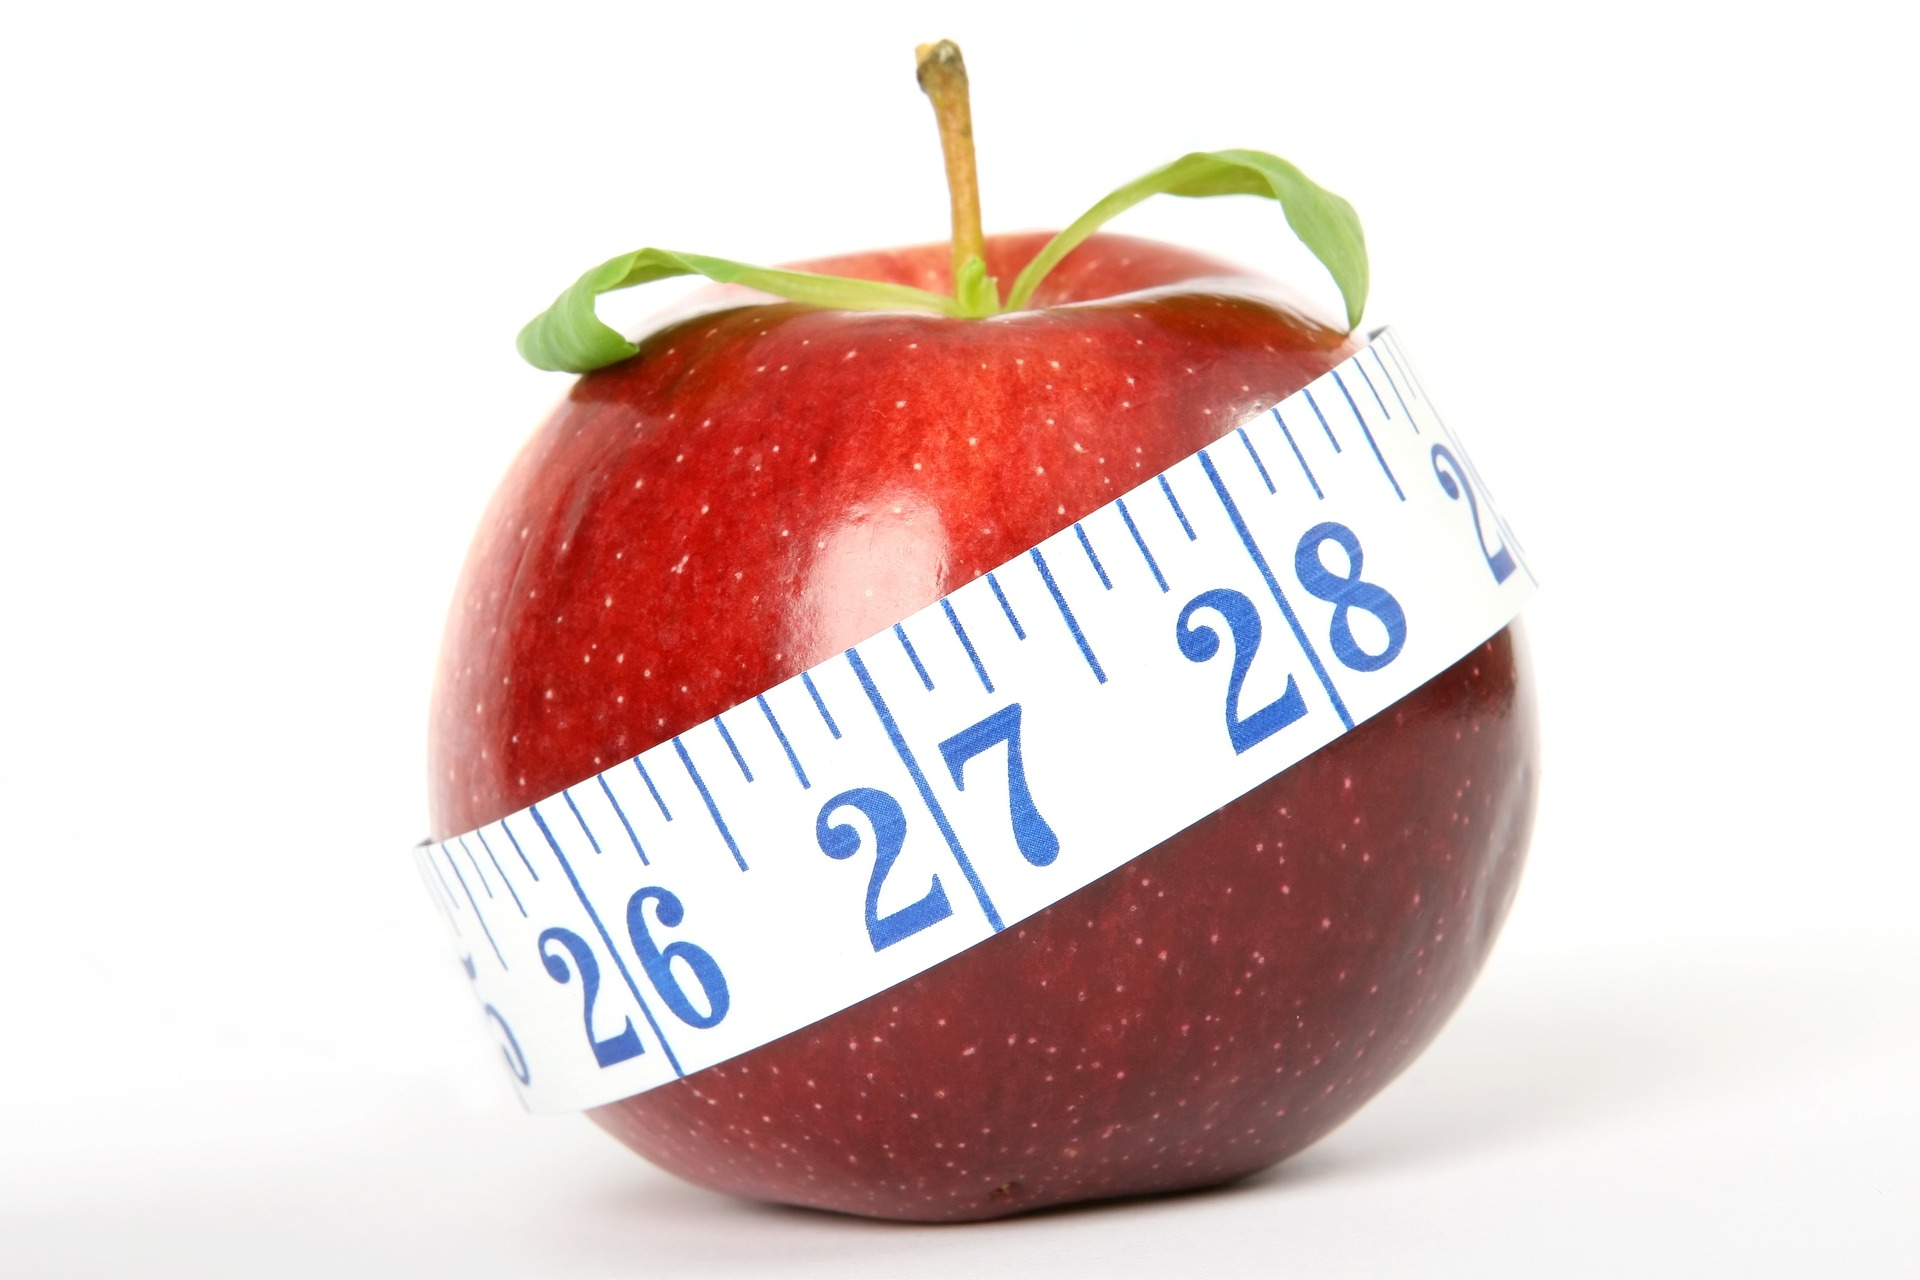 dimagrire dieta esercizi